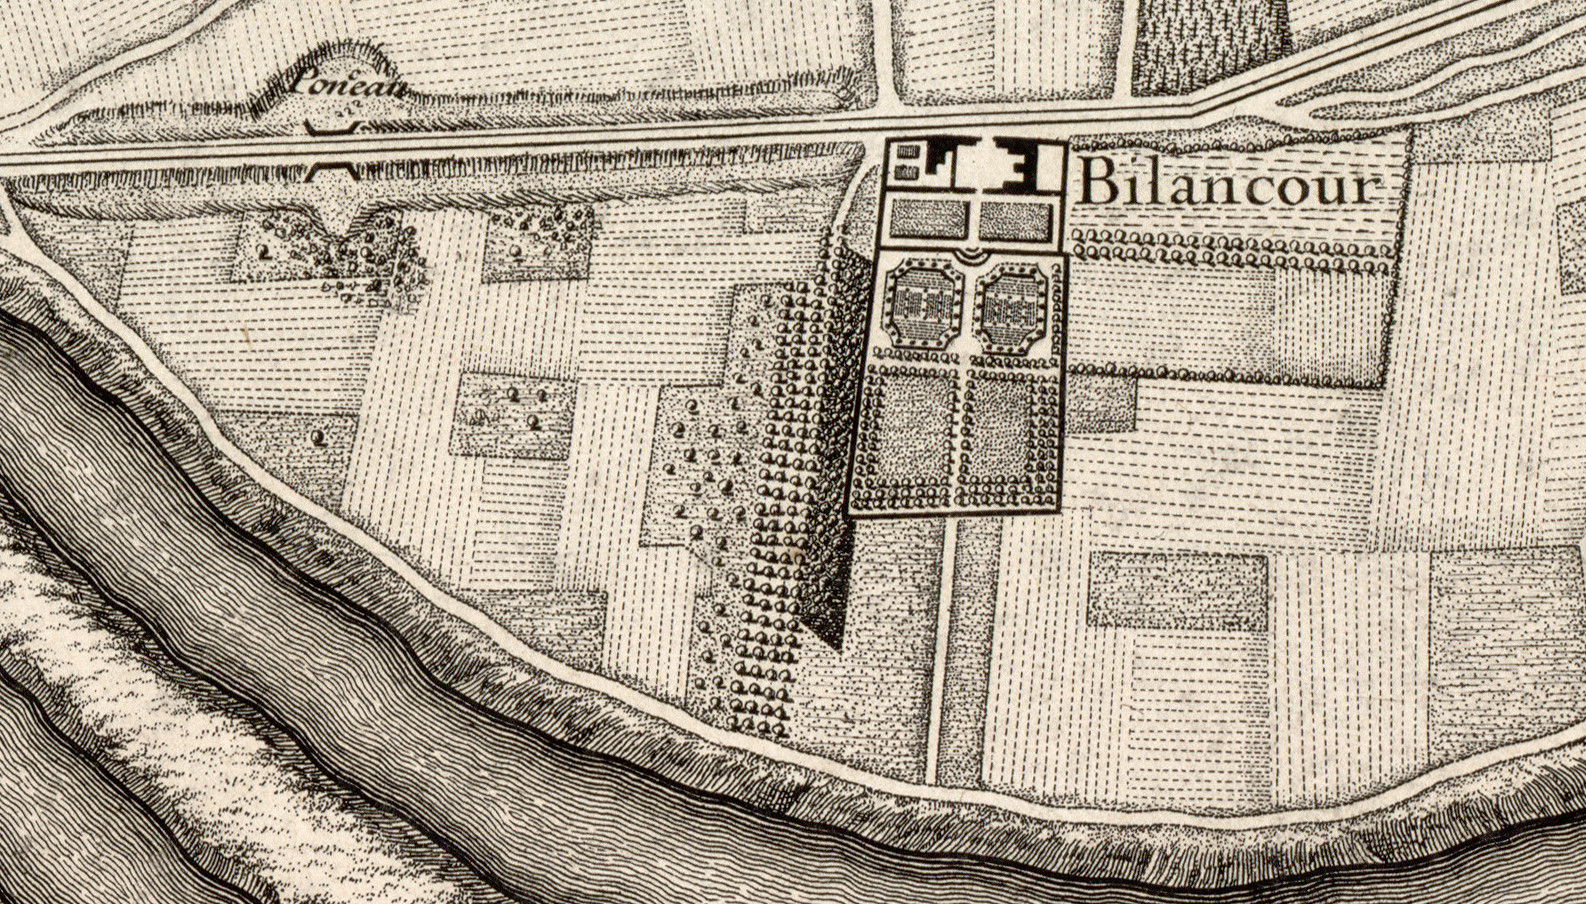 1731 Plan de Roussel - zoom ferme Billancourt